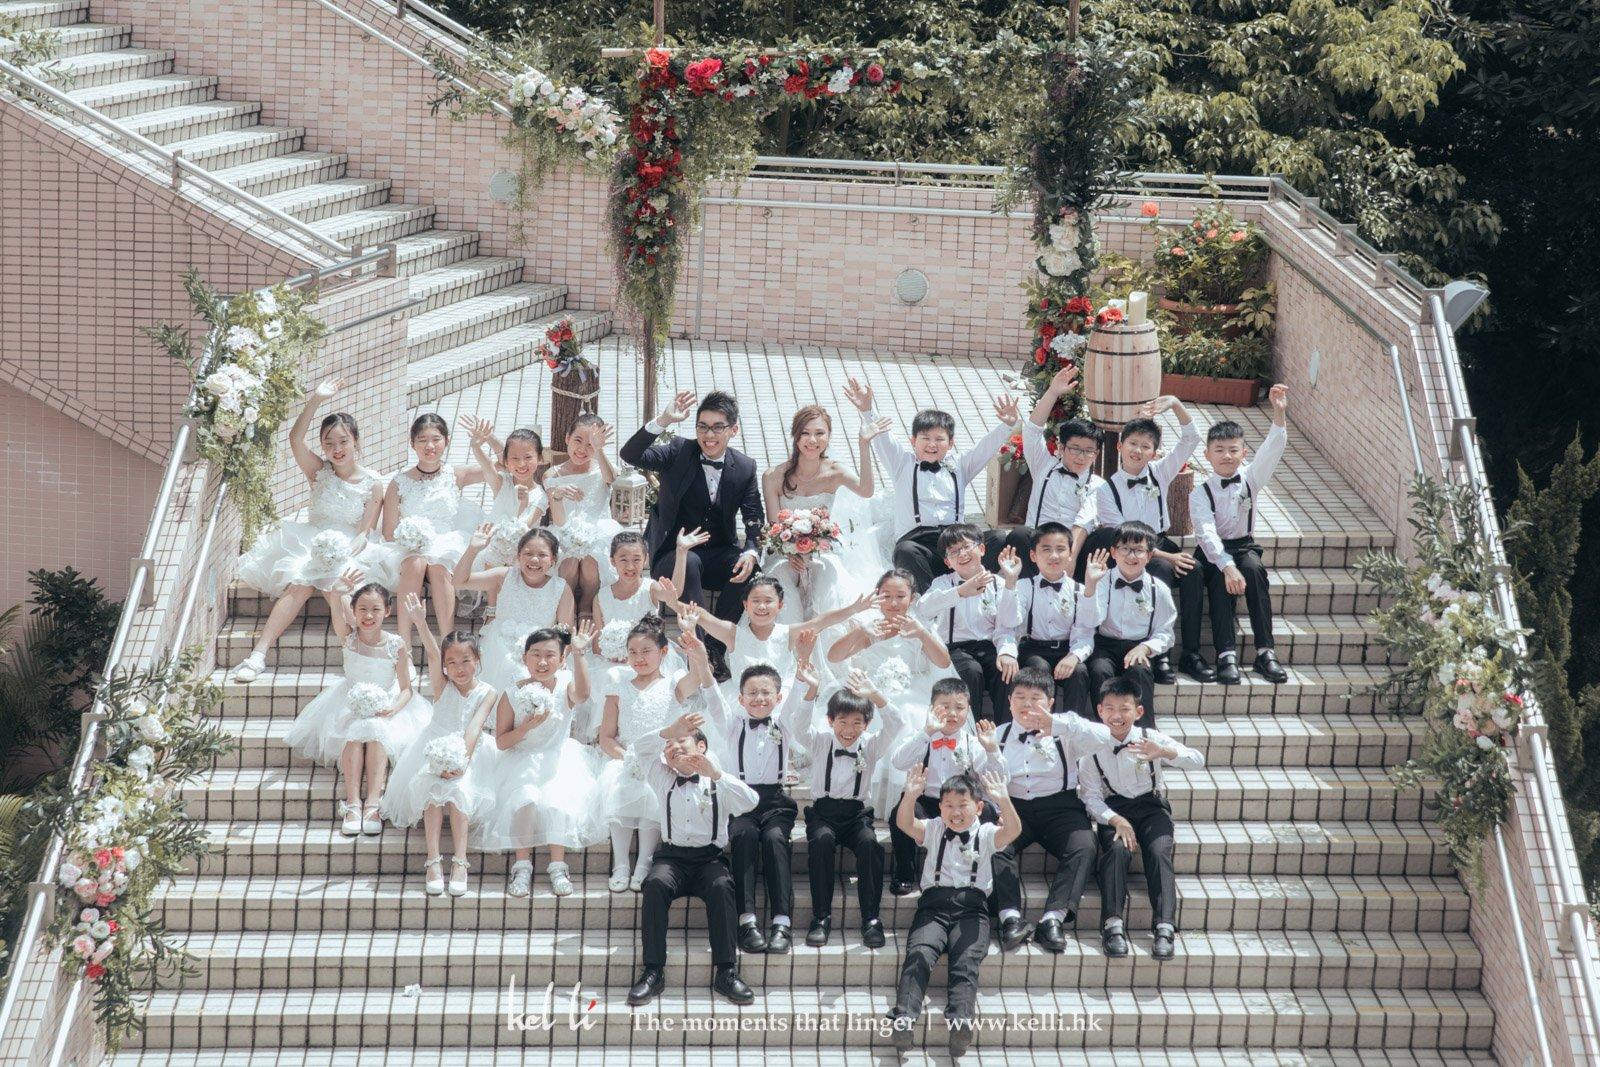 幸福的師生照, 學生們也為新人的婚禮儀式打打氣